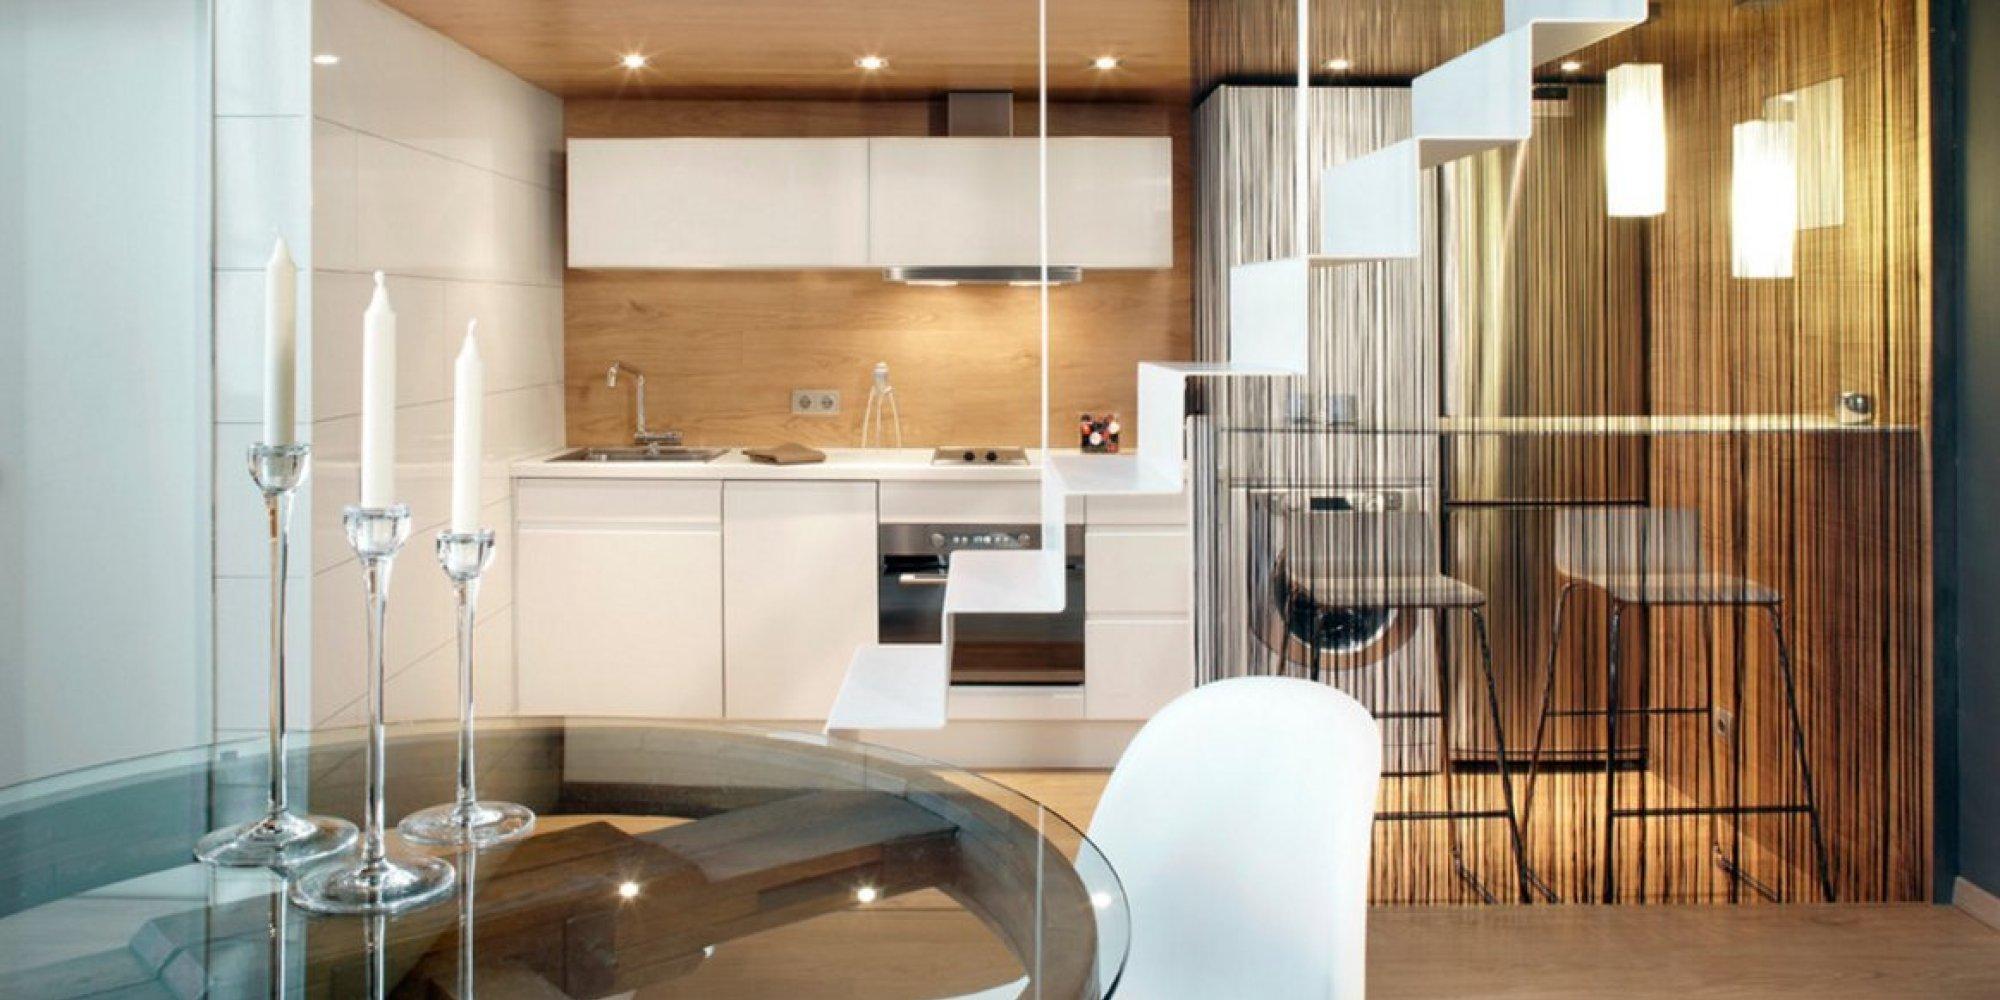 Trucos para diferenciar los espacios de la casa y ganar - Cristales para casas ...